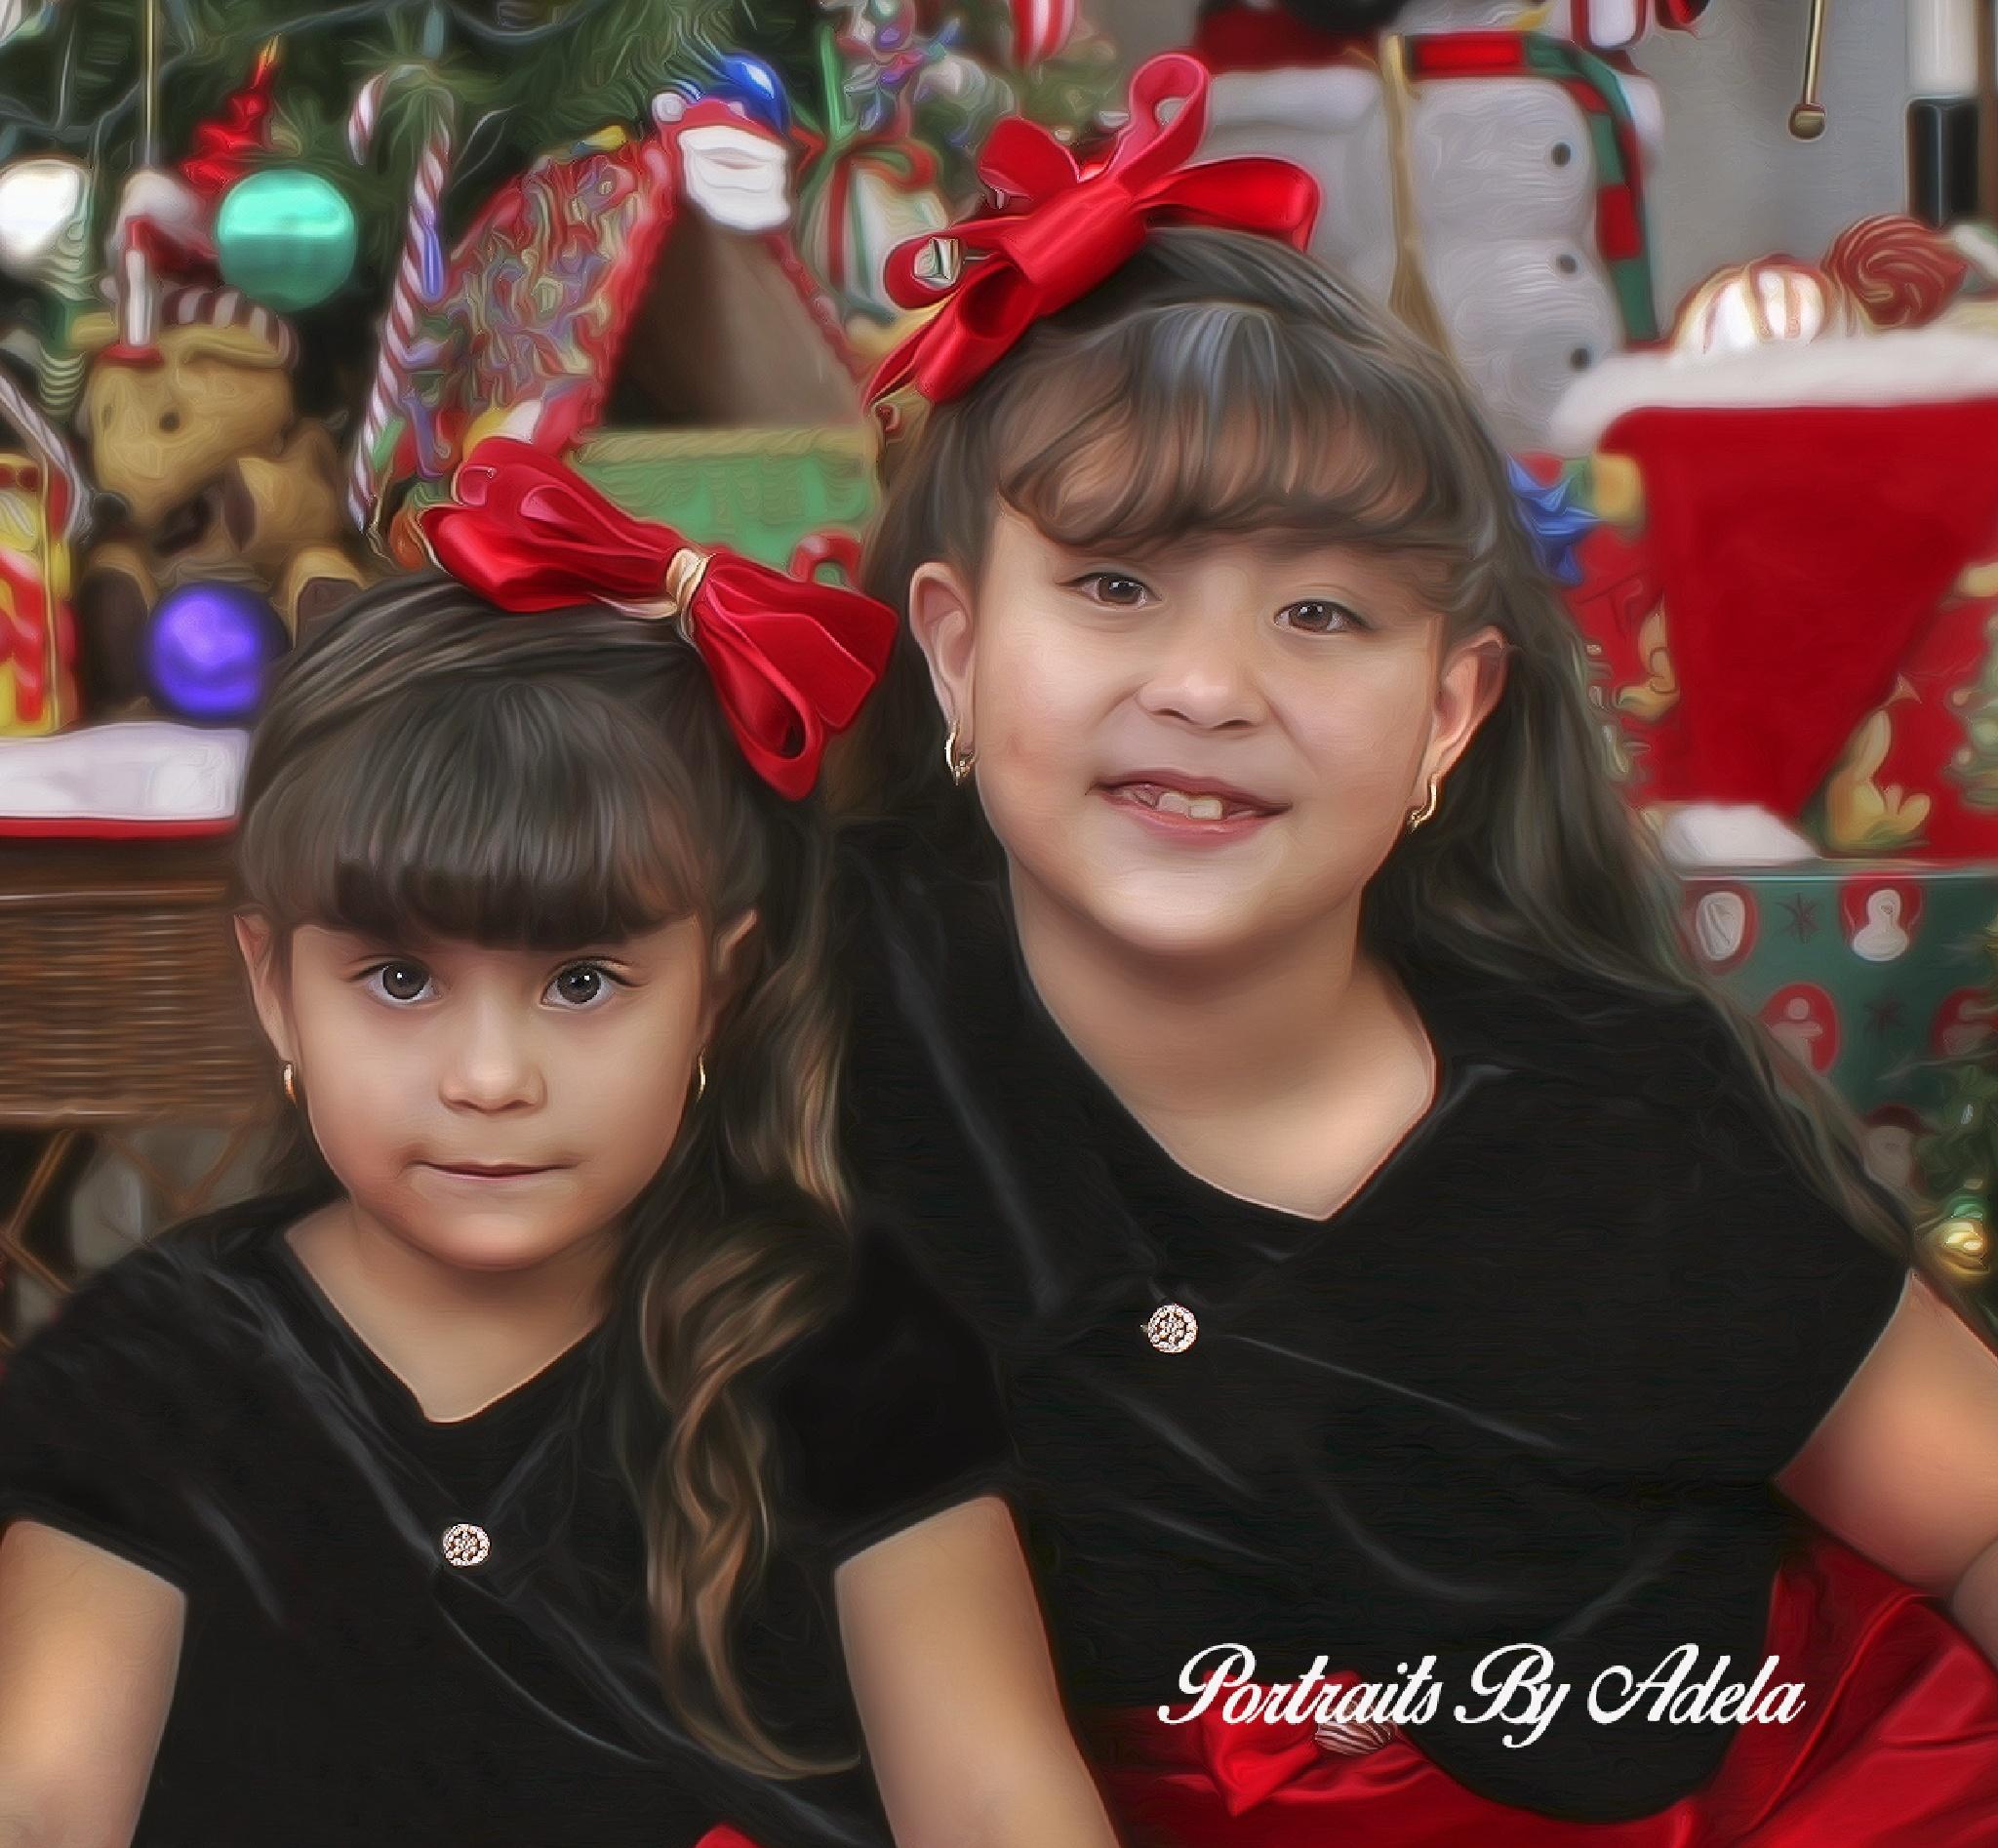 Portraits By Adela by Adela Garza Mendoza